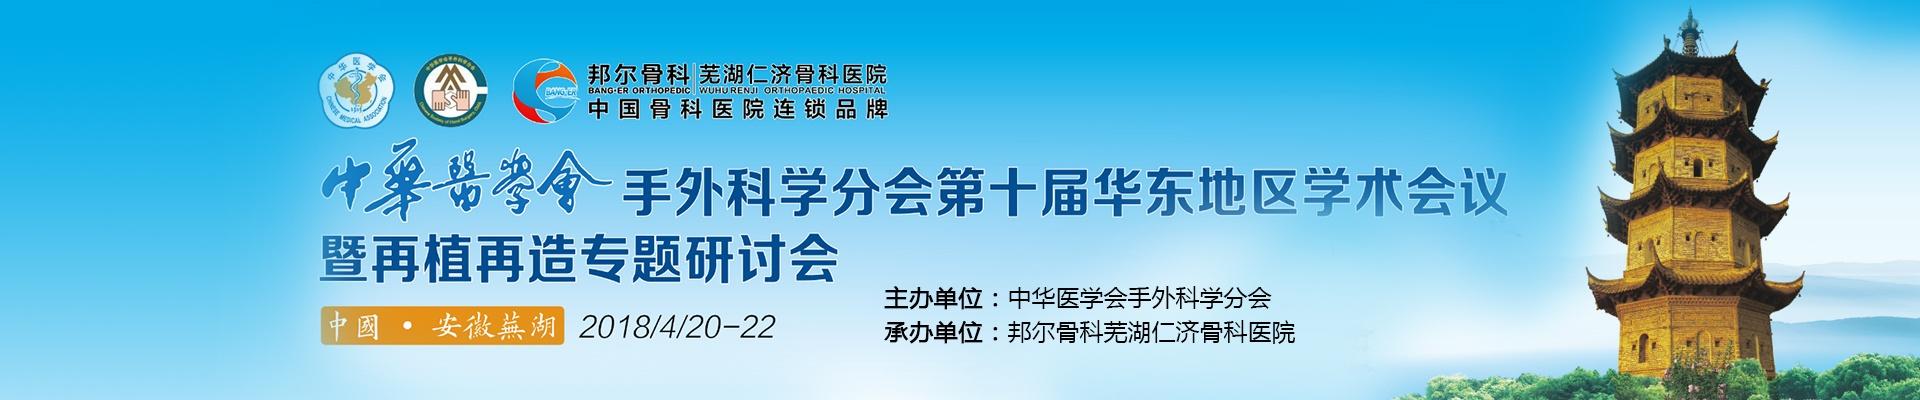 中華醫學會手外科學分會第十屆華東地區學術會議